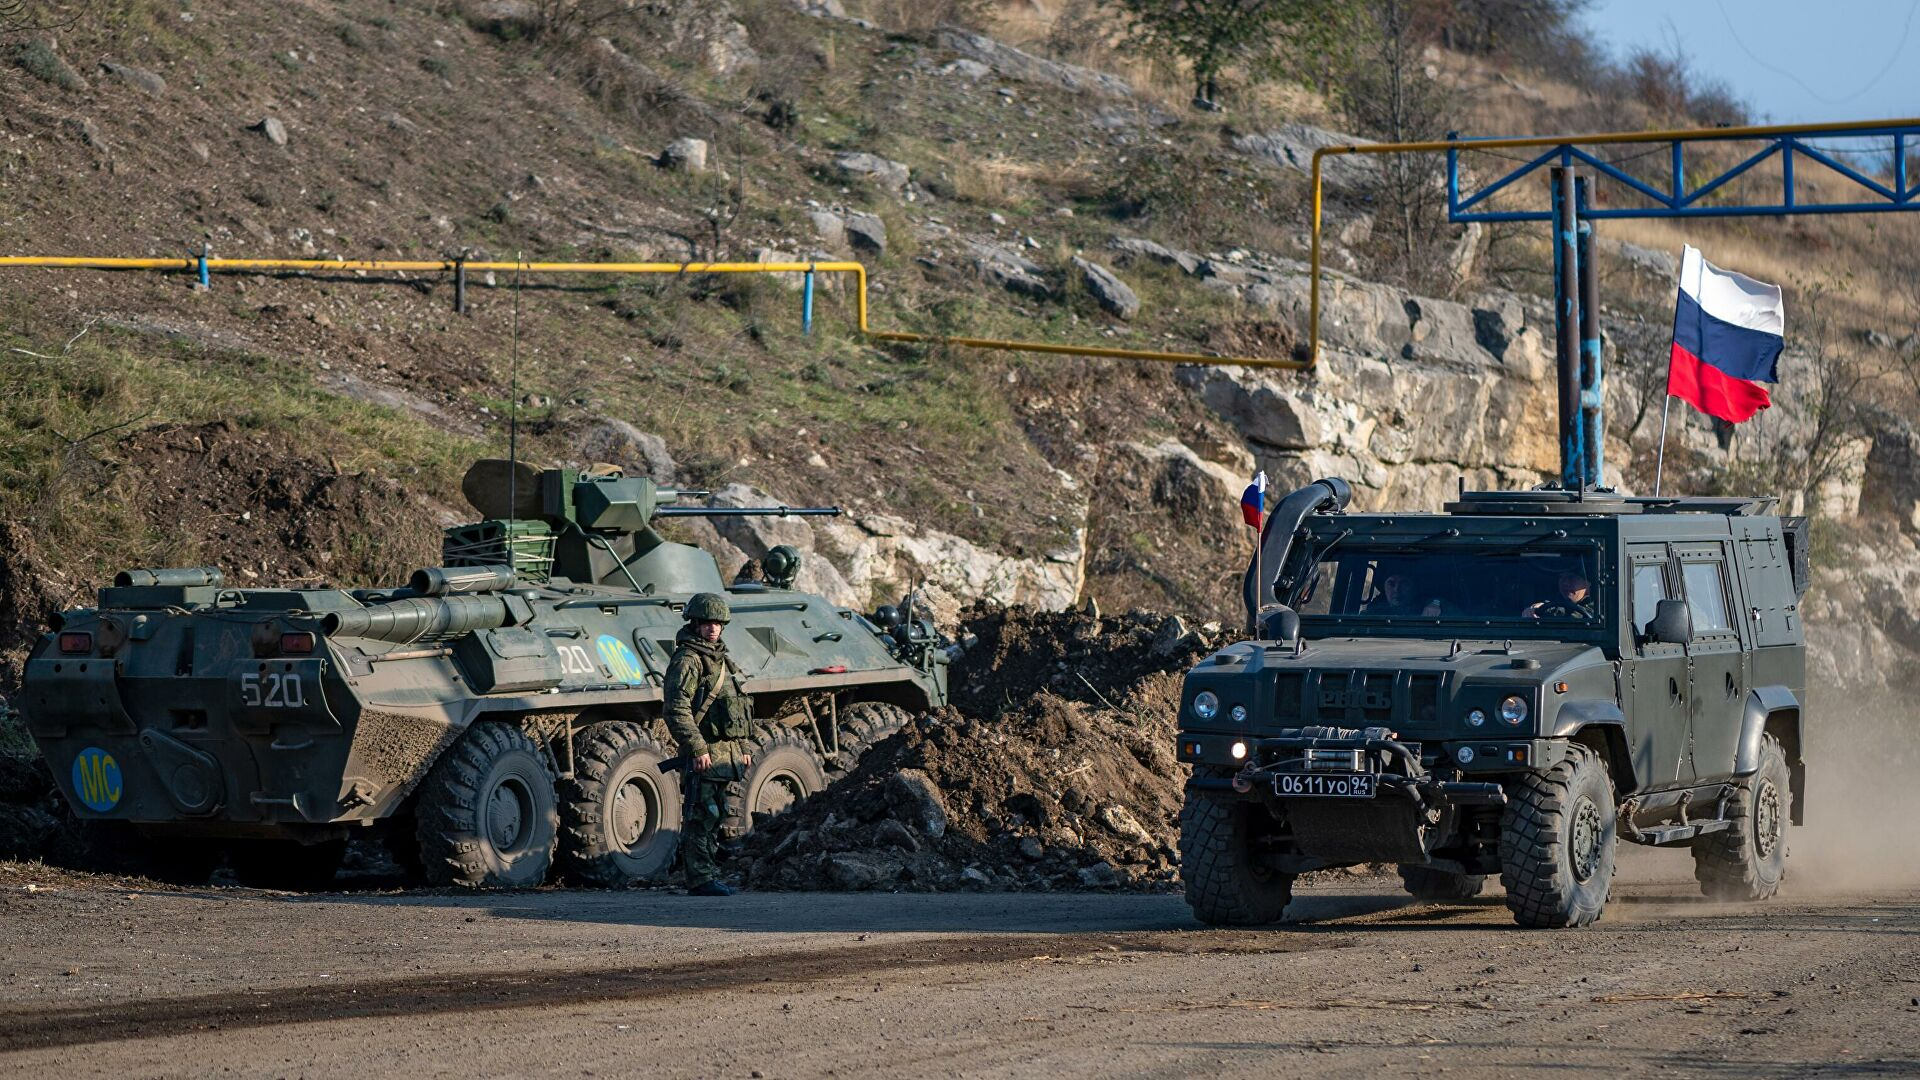 Rat u Nagorno-Karabahu je jedna velika lekcija za nas Srbe